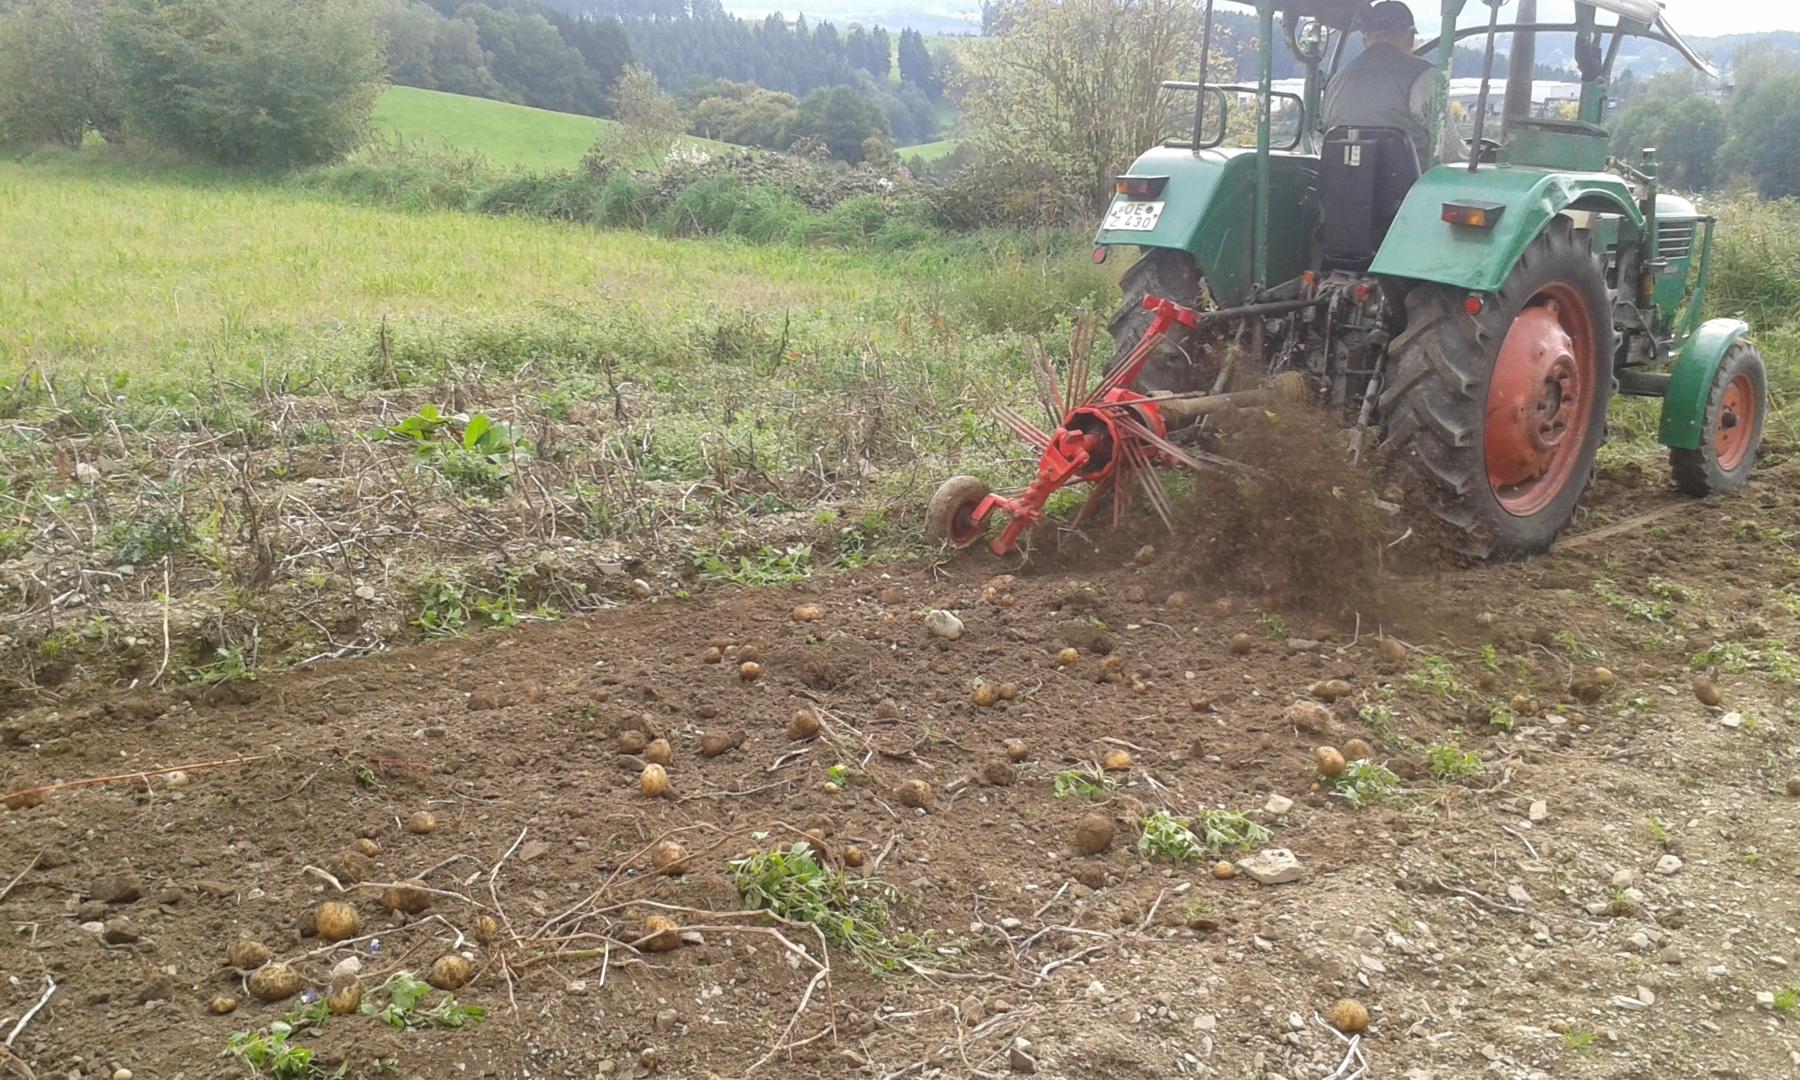 Abenteuer auf dem Kartoffelfeld!